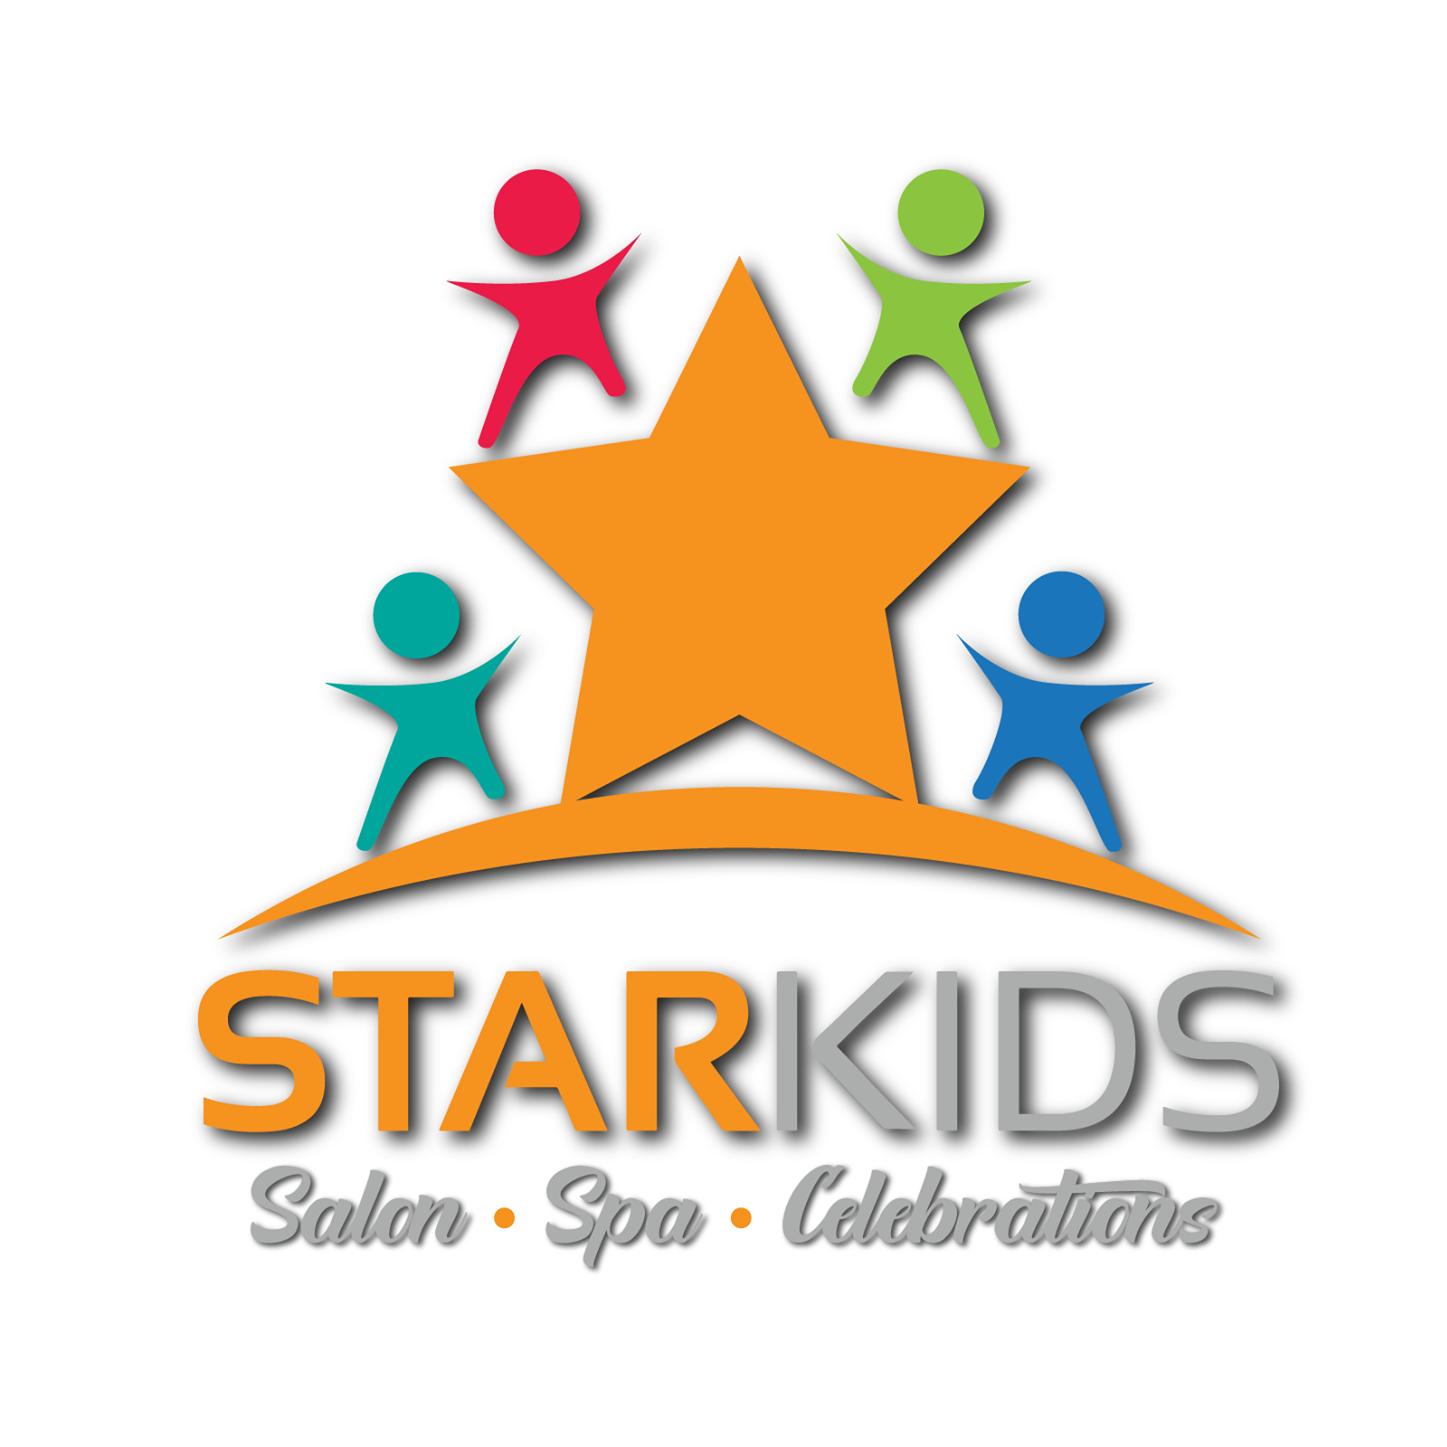 StarKids Salon & Spa